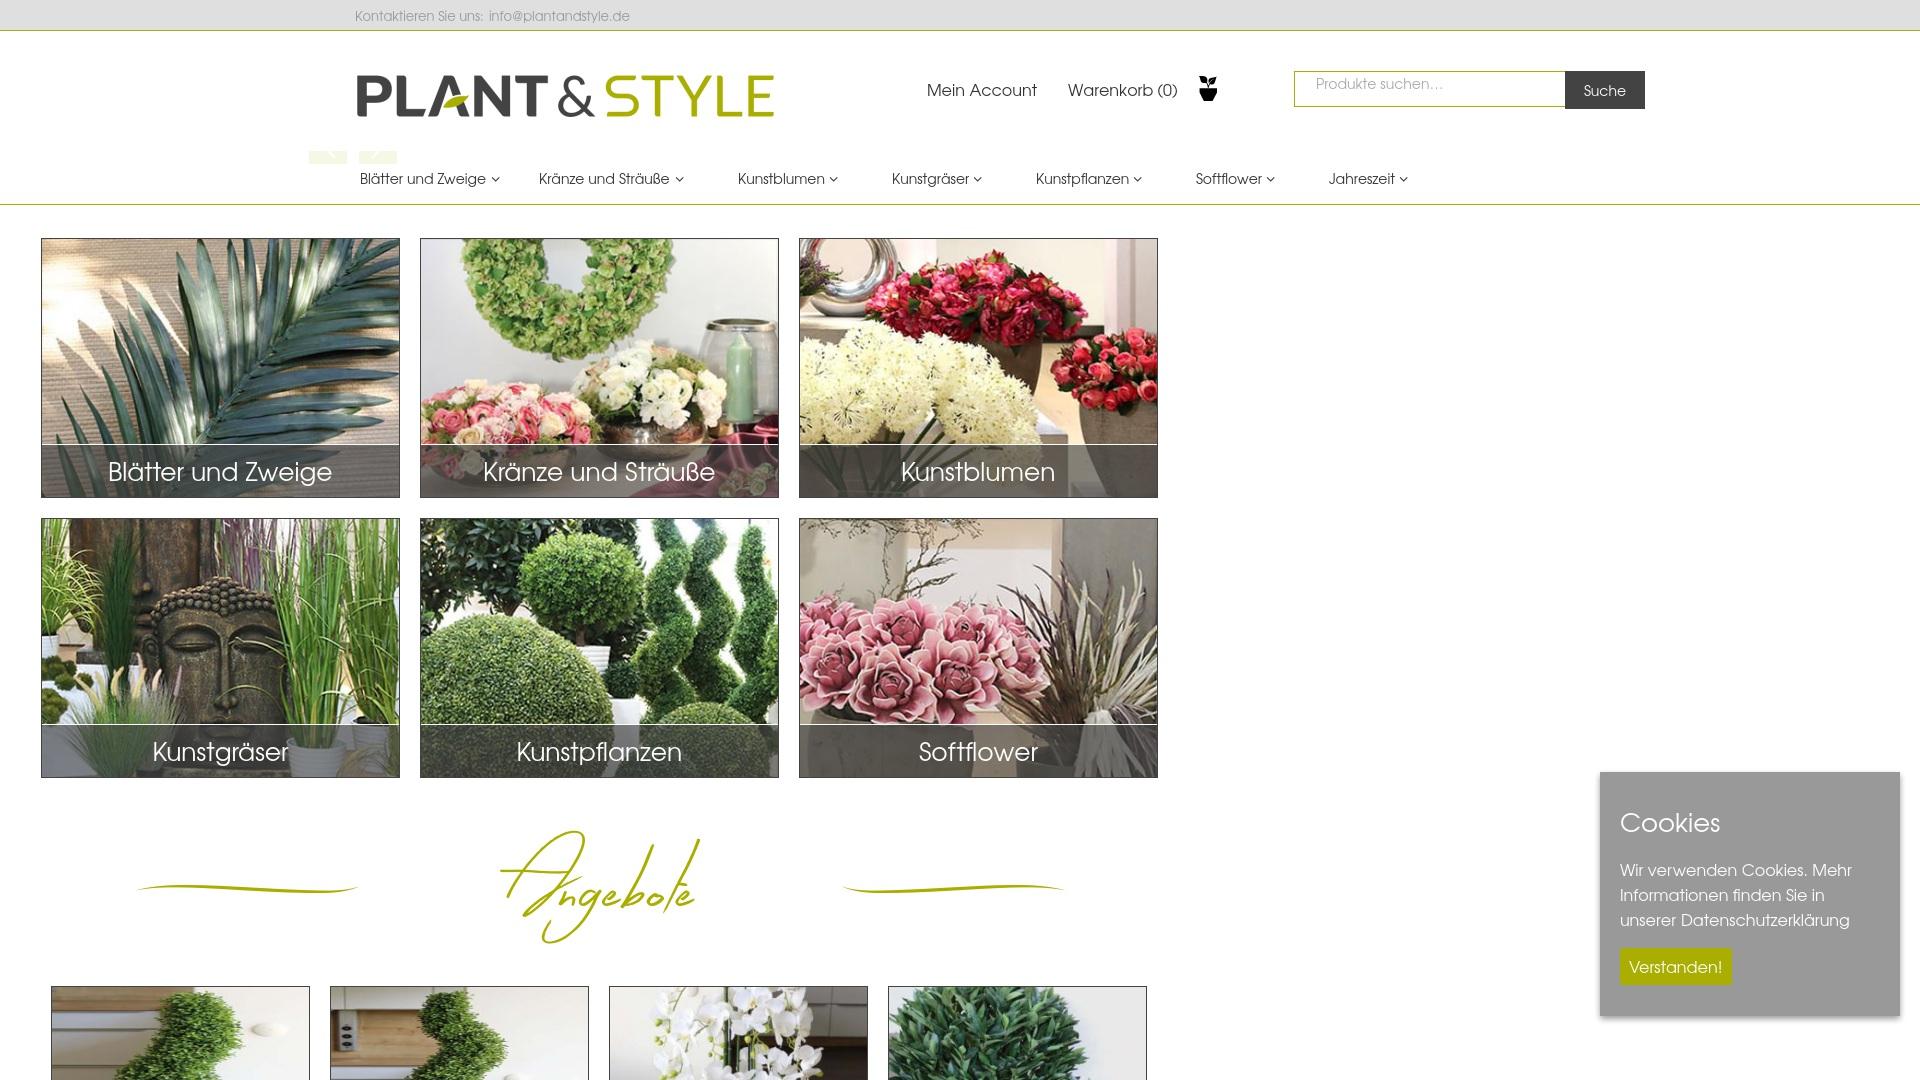 Gutschein für Plantandstyle: Rabatte für  Plantandstyle sichern